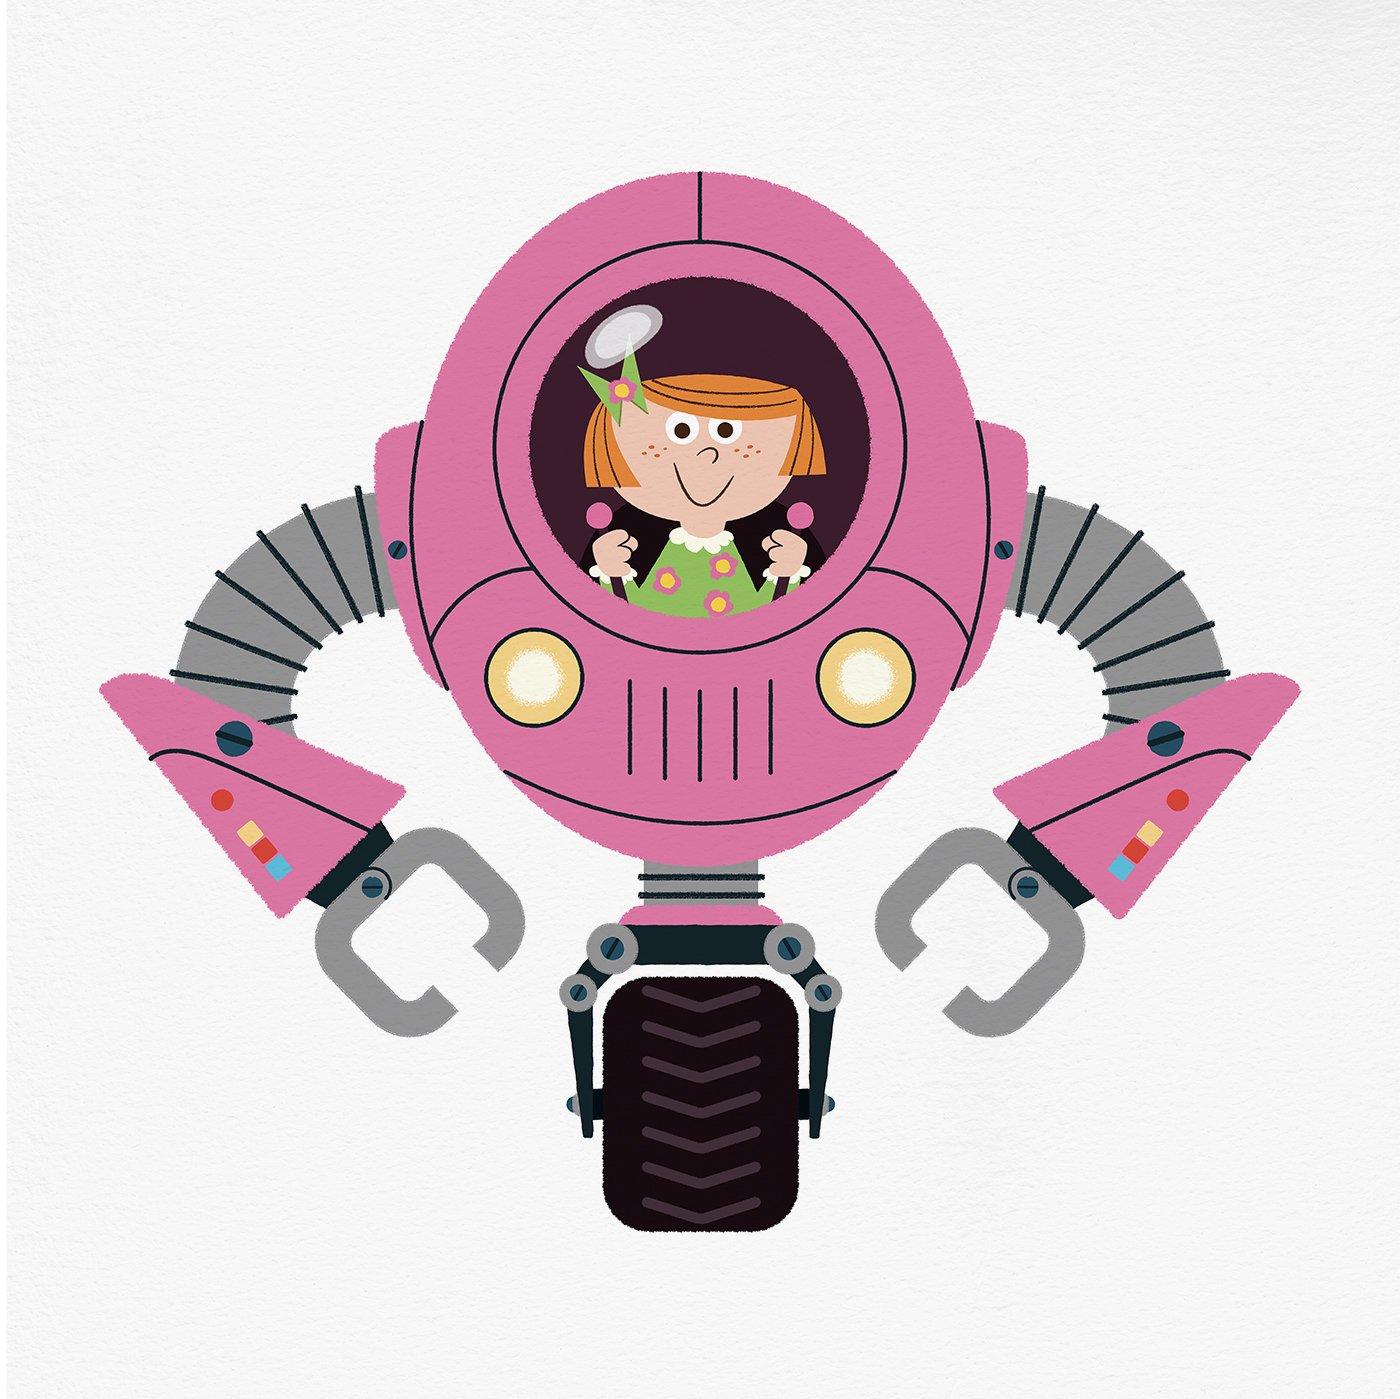 Image of RoboPal - Peg